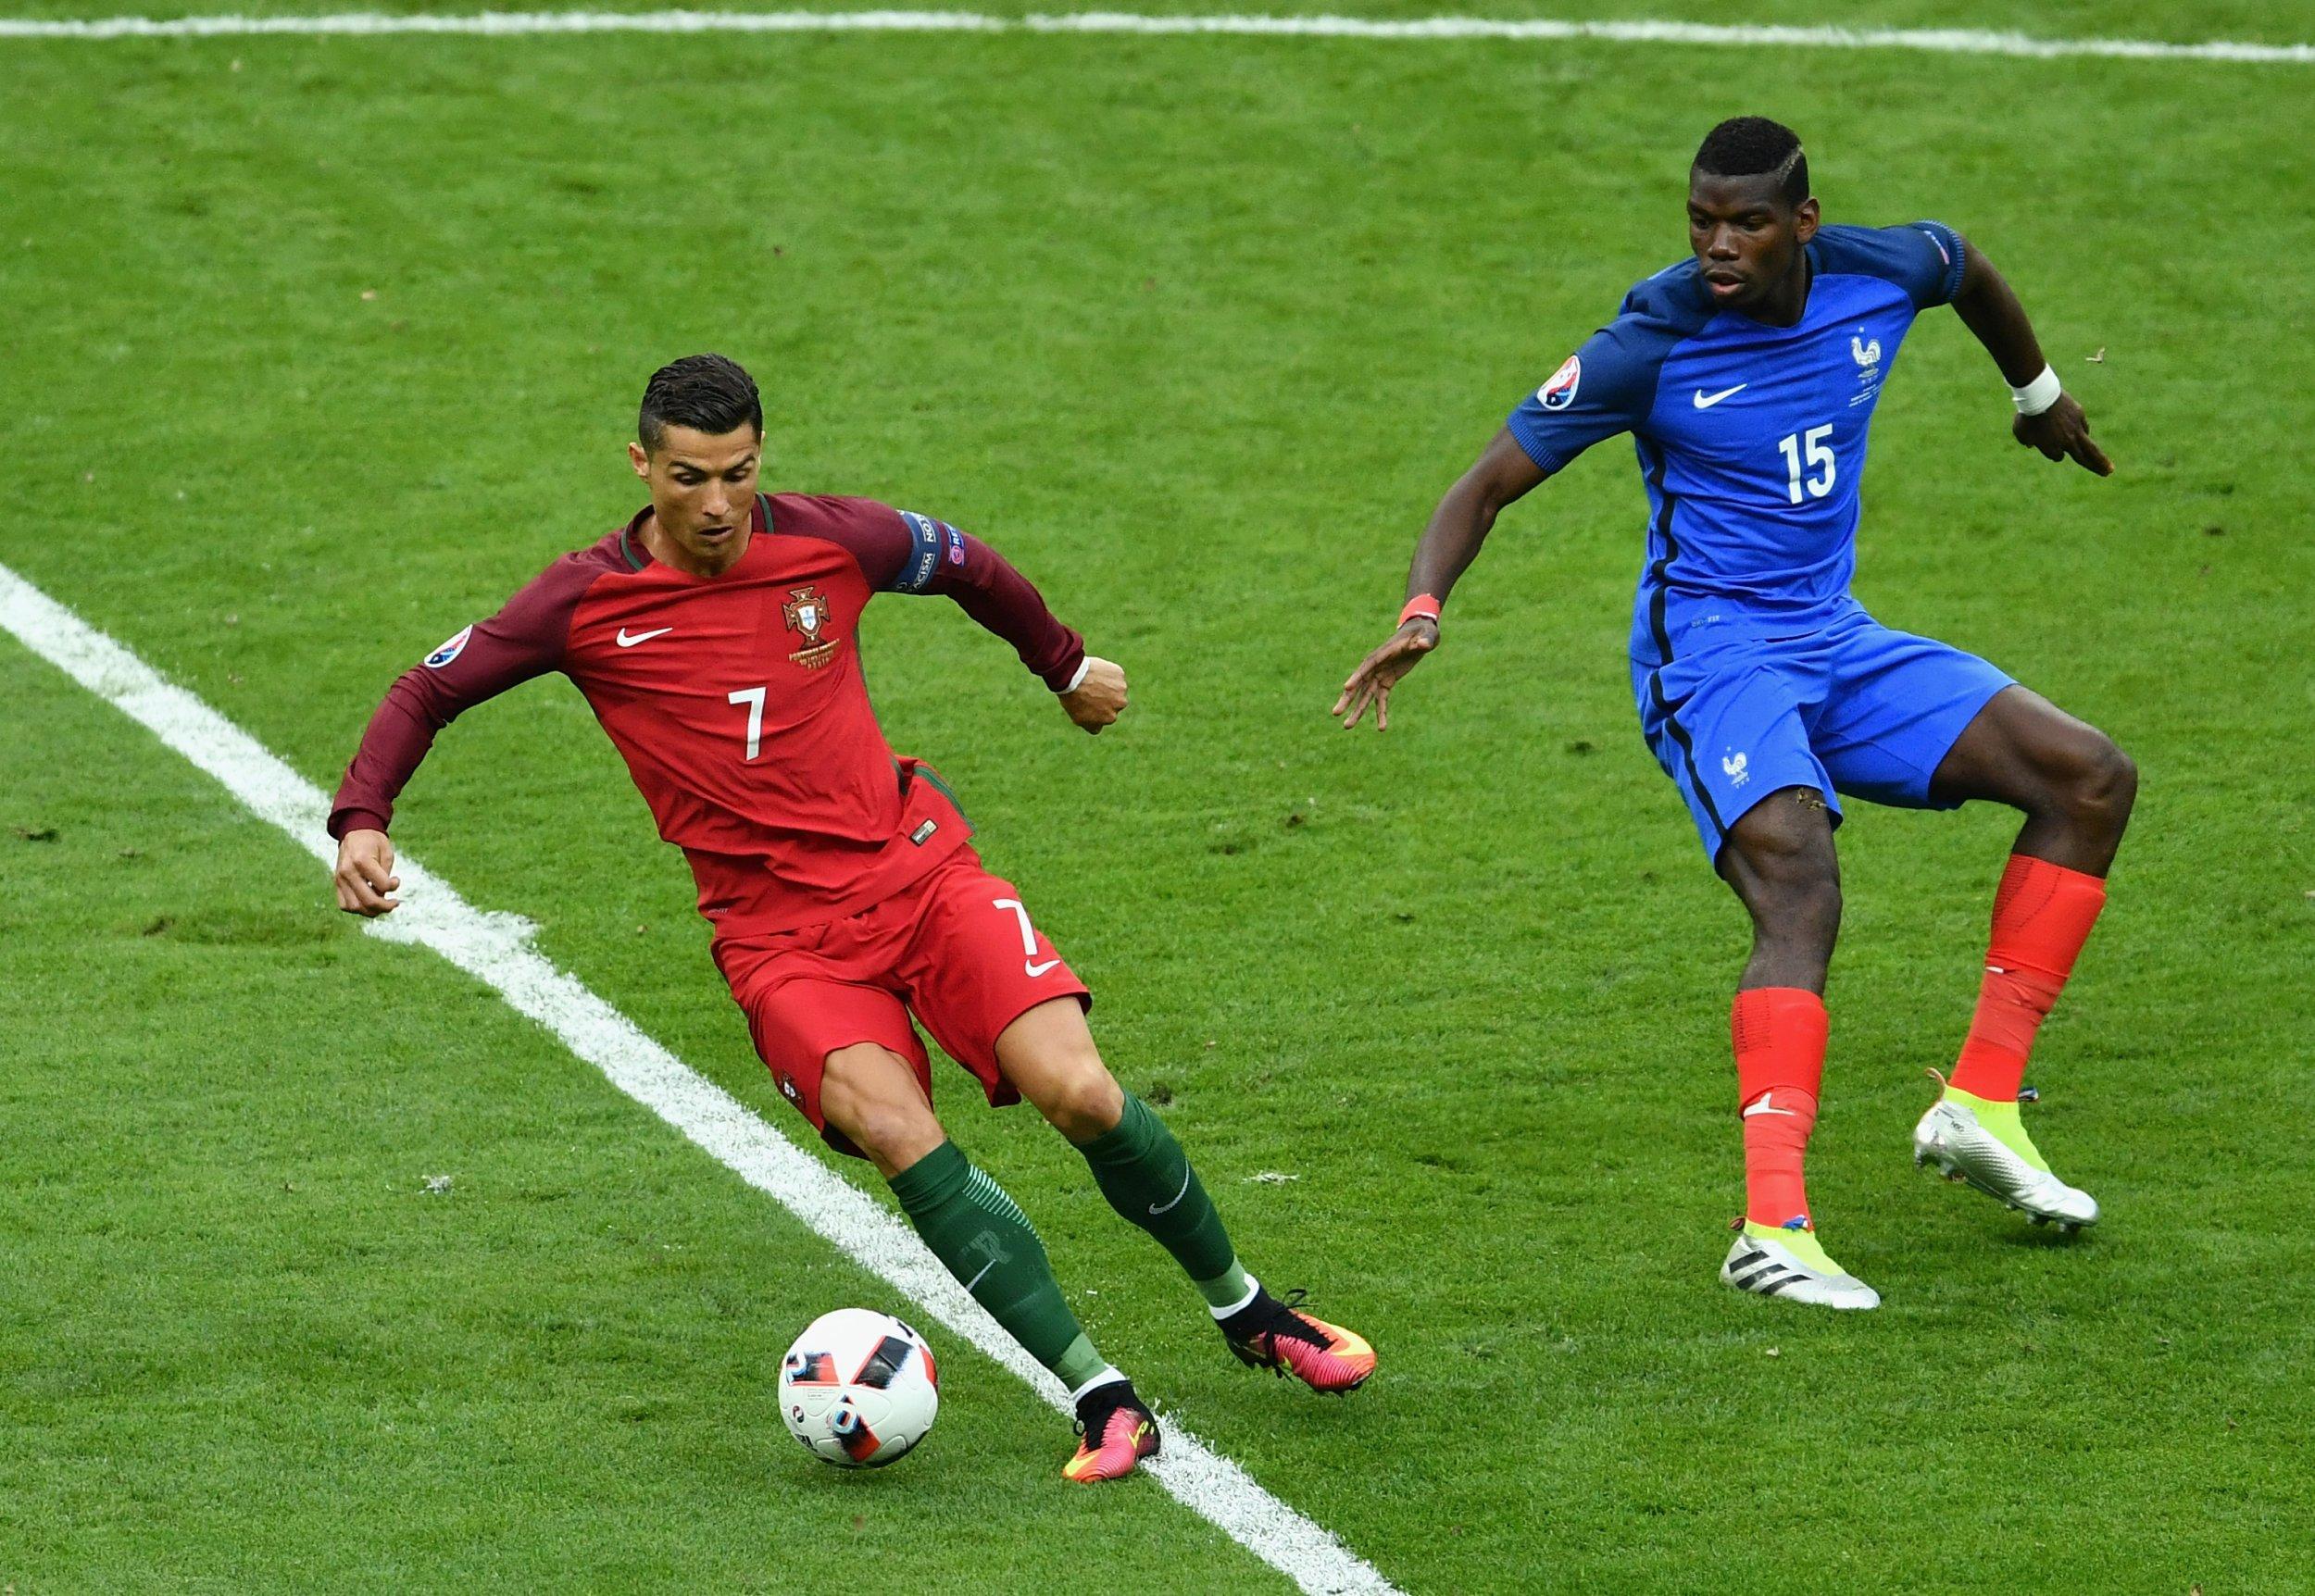 Tìm hiểu kế hoạch chiêu mộ Ronaldo và Pogba của PSG